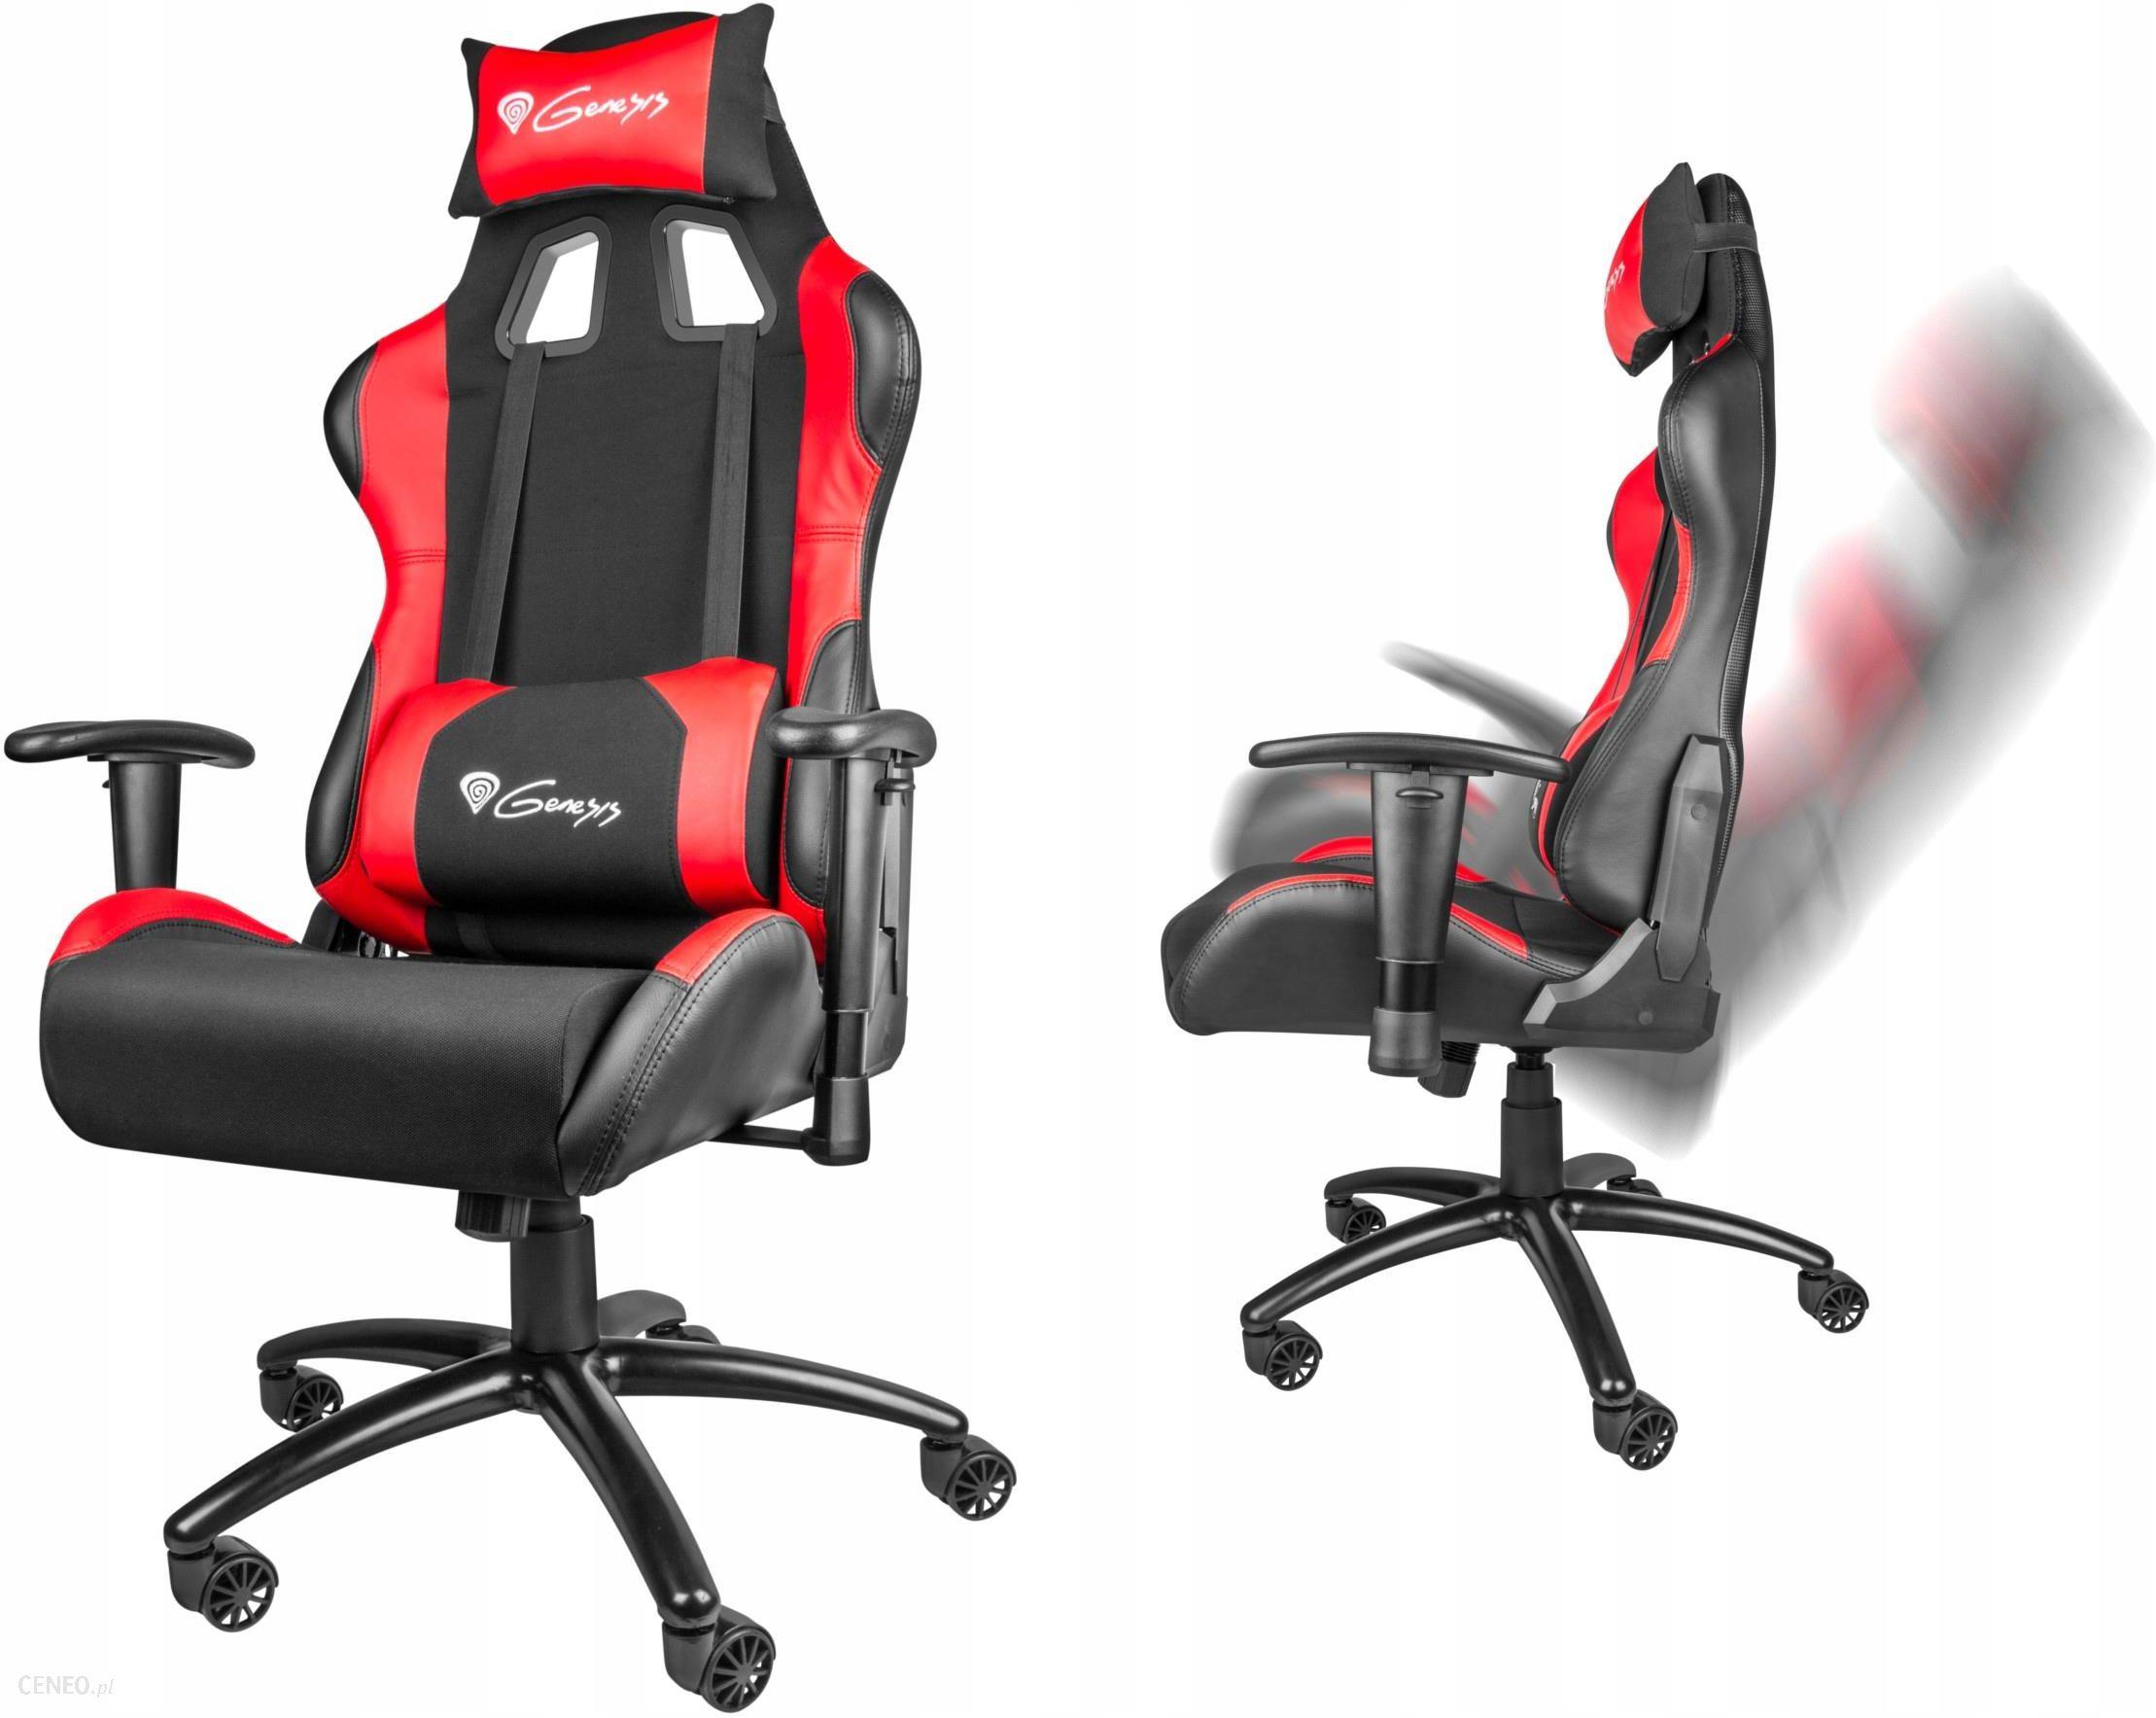 Fotel Dla Gracza Genesis Nitro 550 Czarno Czerwony Nfg0784 Ceny I Opinie Ceneo Pl